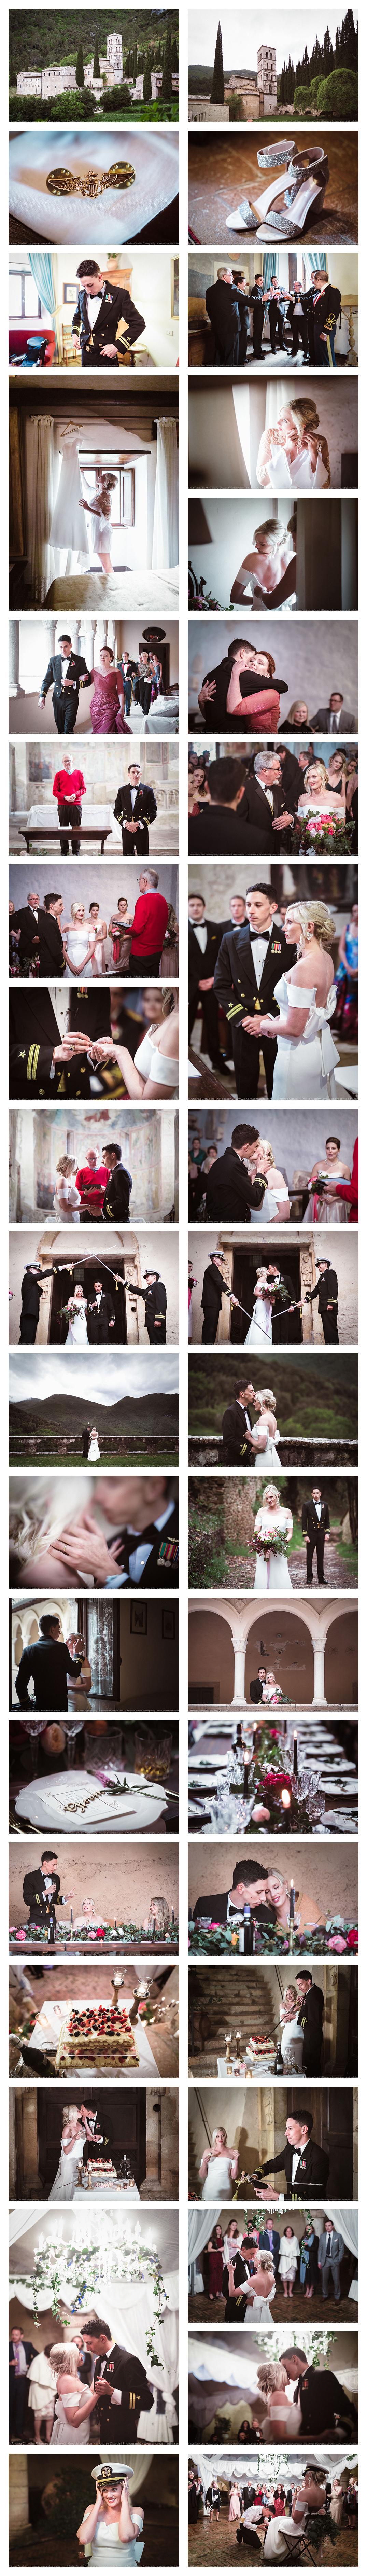 Stories - Destination Wedding Italy - San Pietro in Valle